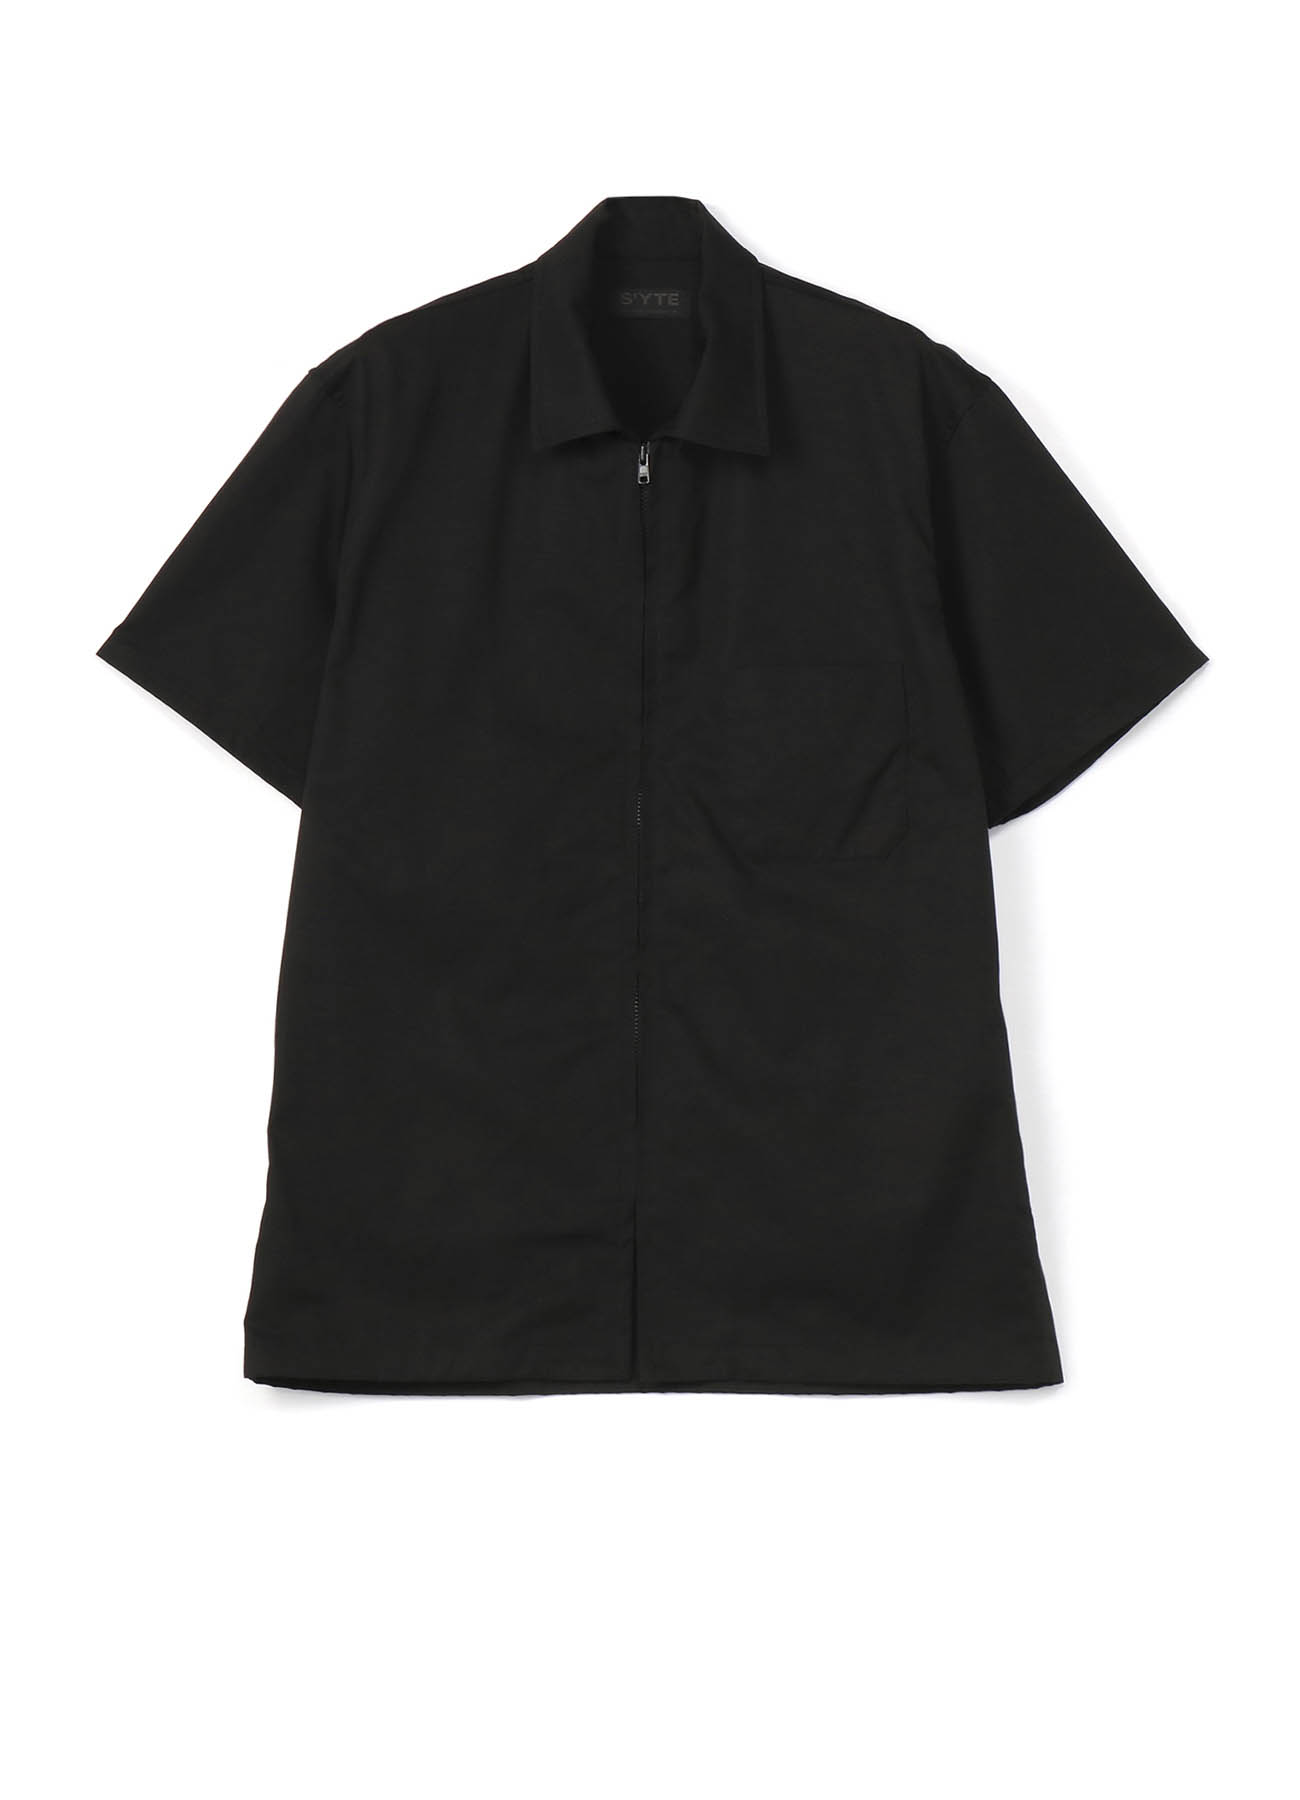 山本耀司语录拉链衬衫